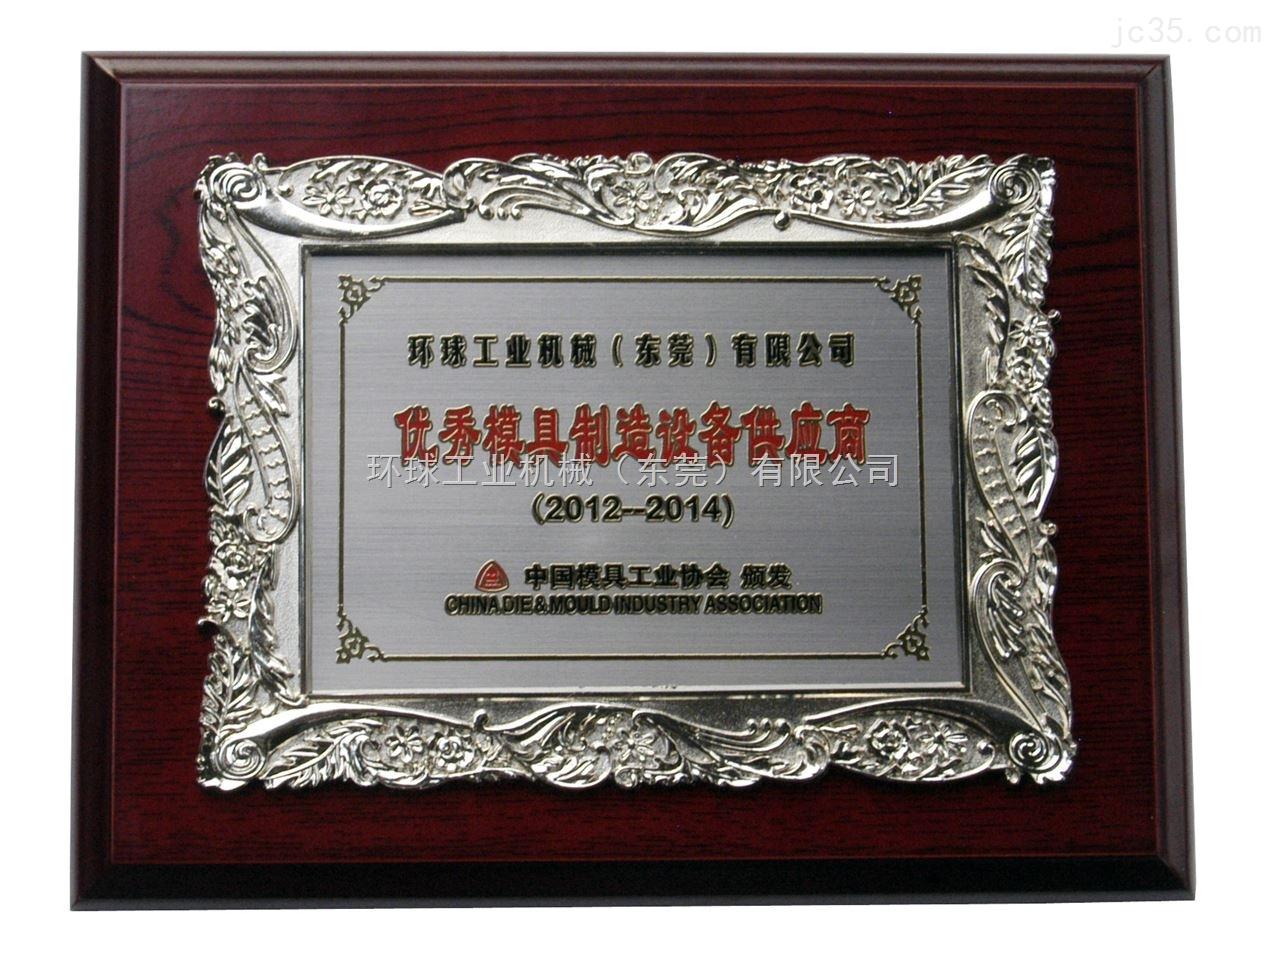 优秀模具制造设备供应商证书